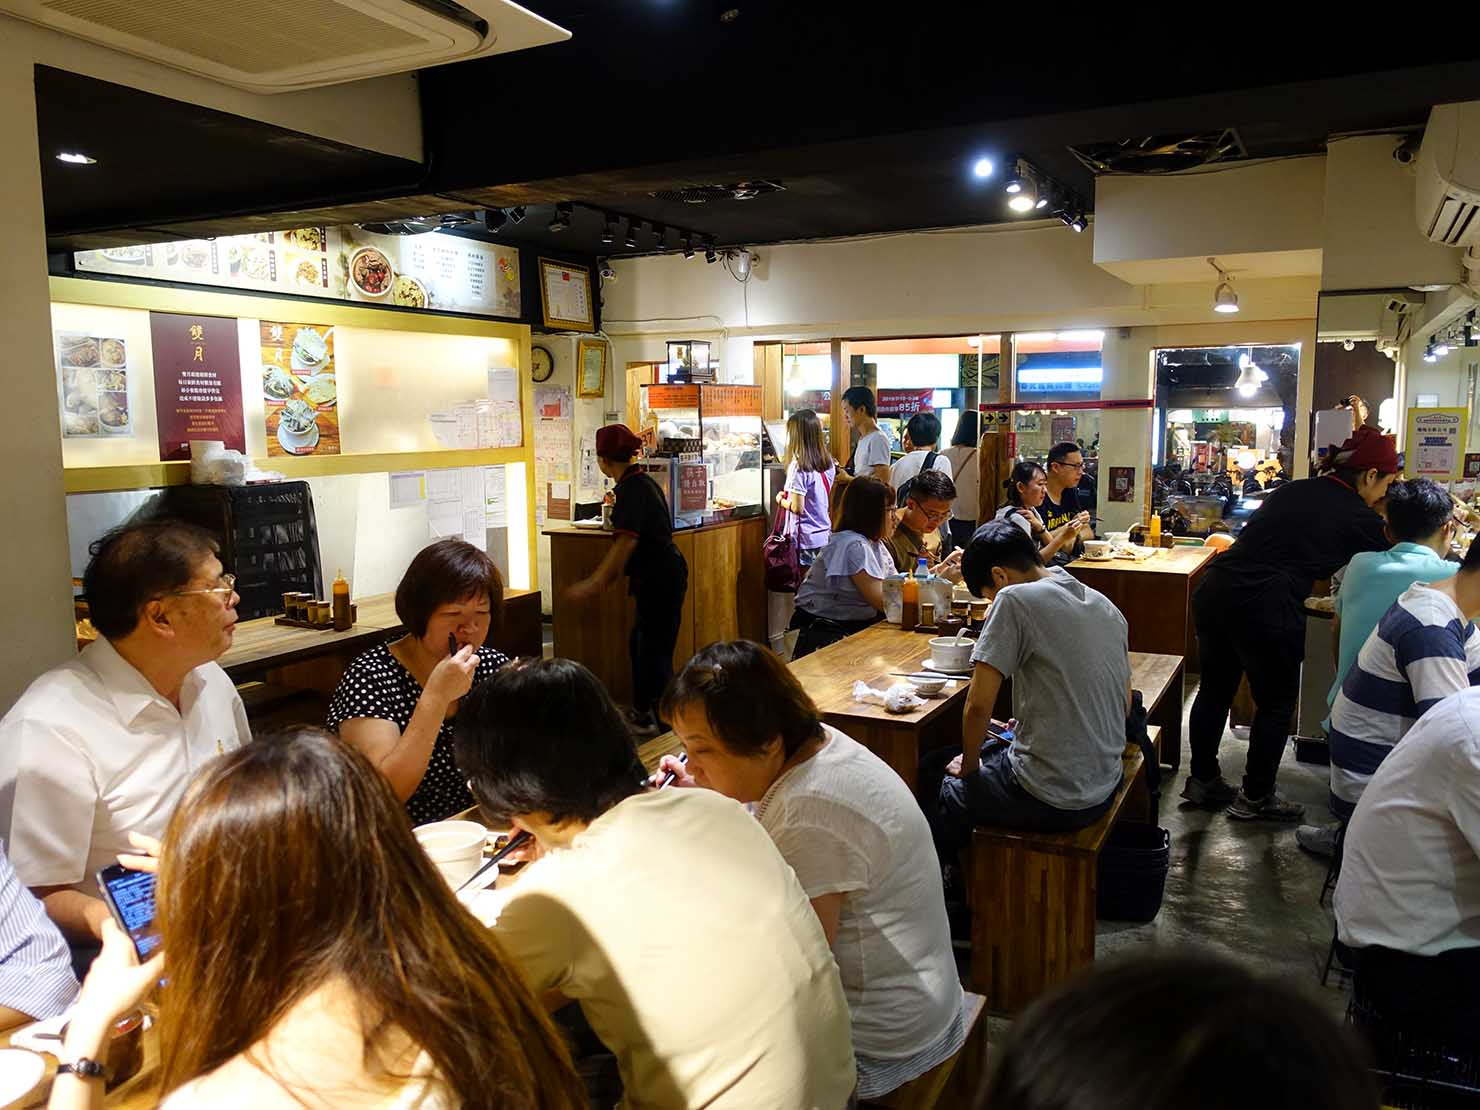 台北・善導寺のおすすめグルメ店「雙月食品社」の店内